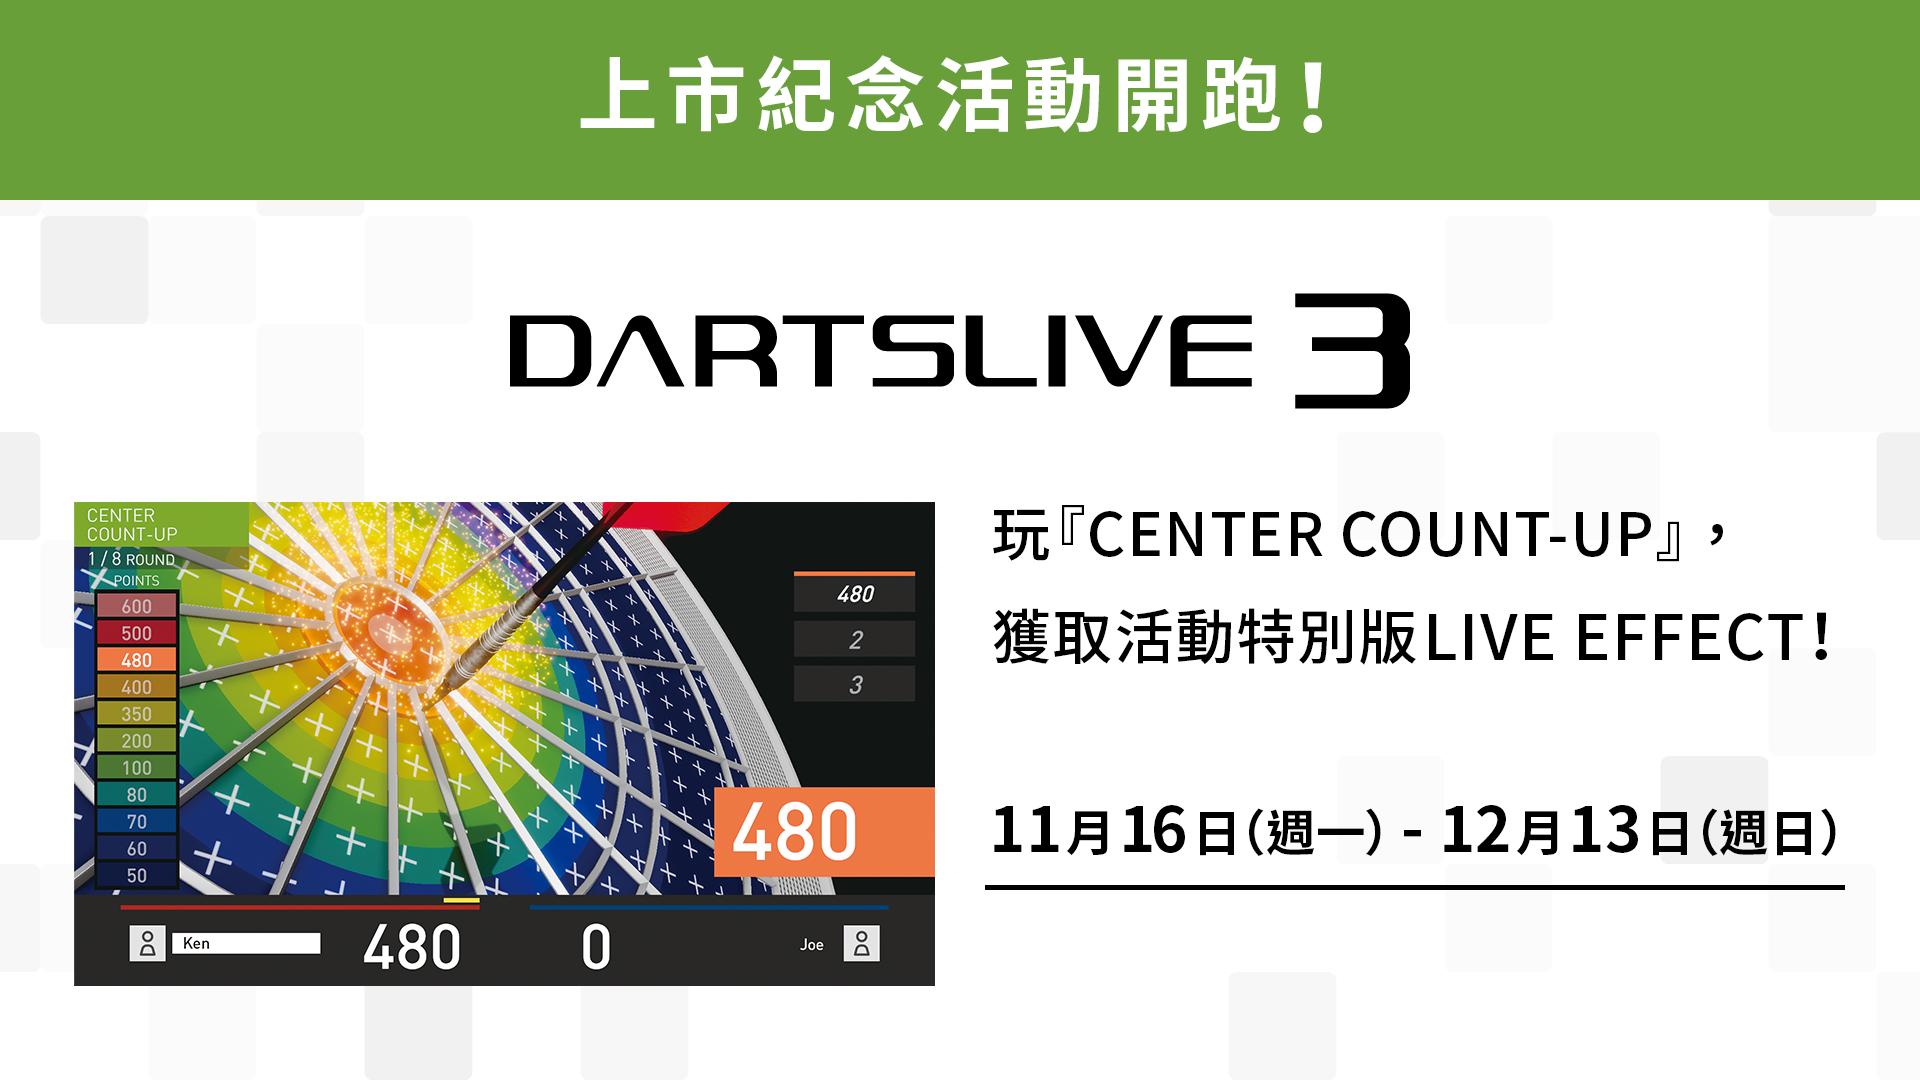 DARTSLIVE3上市紀念活動開跑!